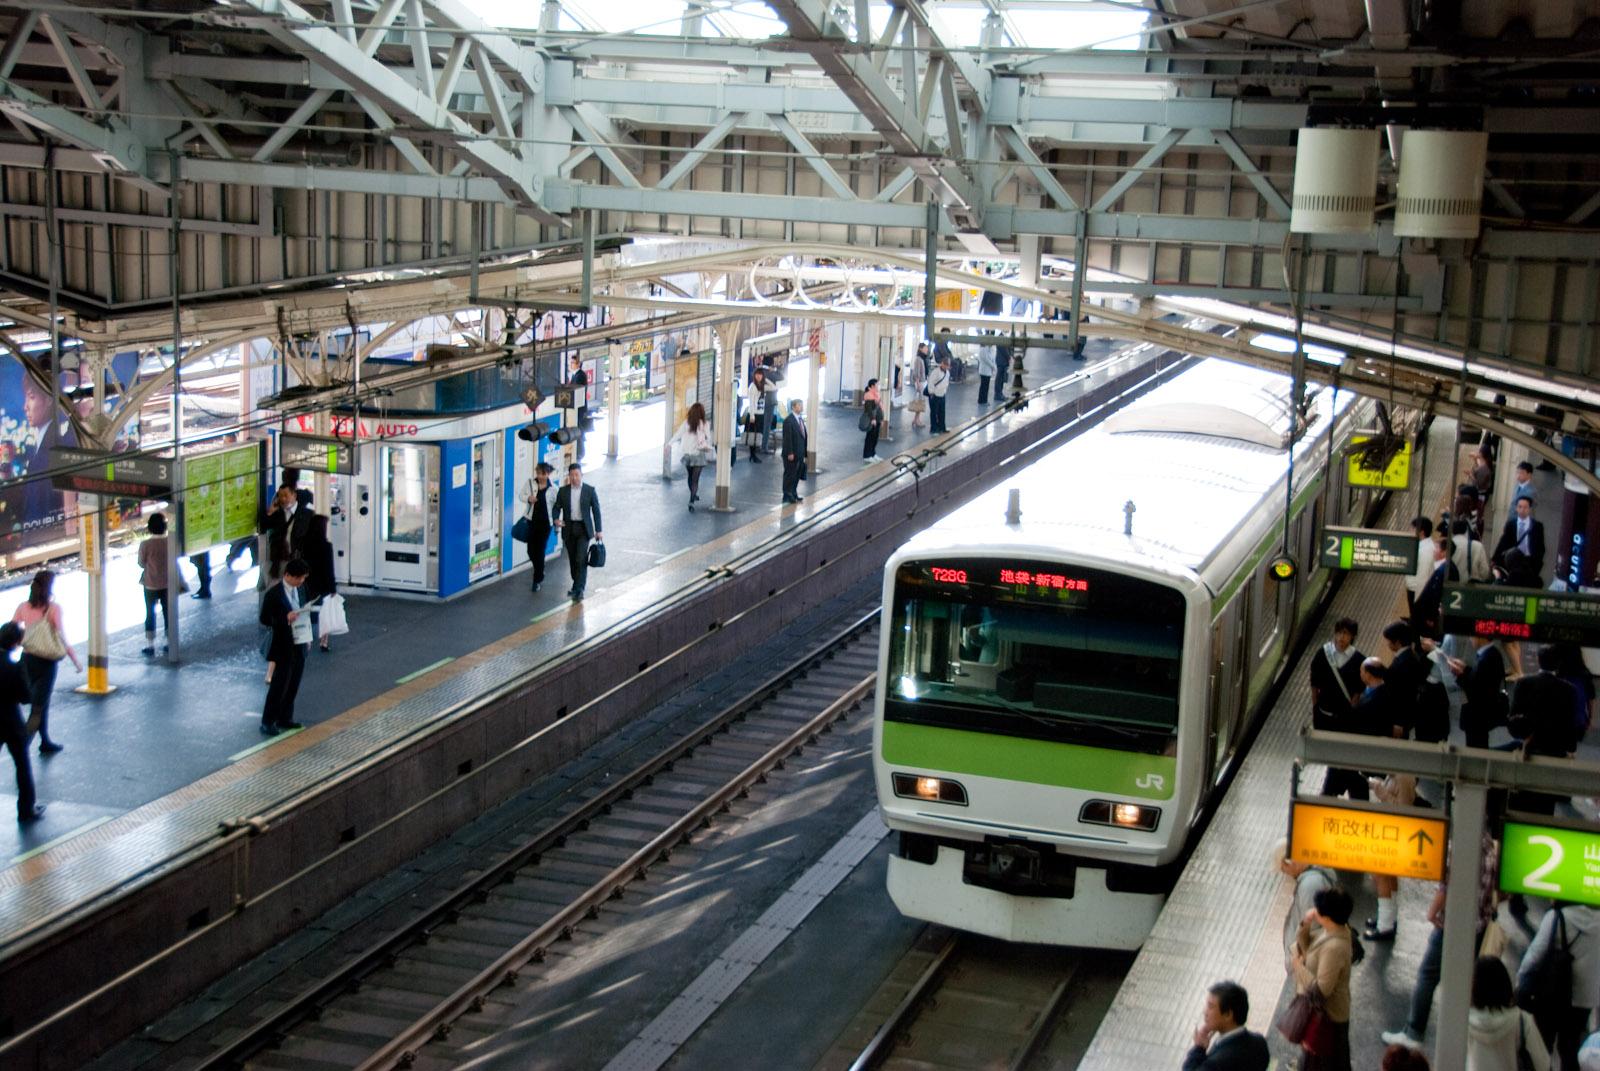 通勤に便利な街・路線の選び方は?グッドルームスタッフのオススメをきいてみた in 東京